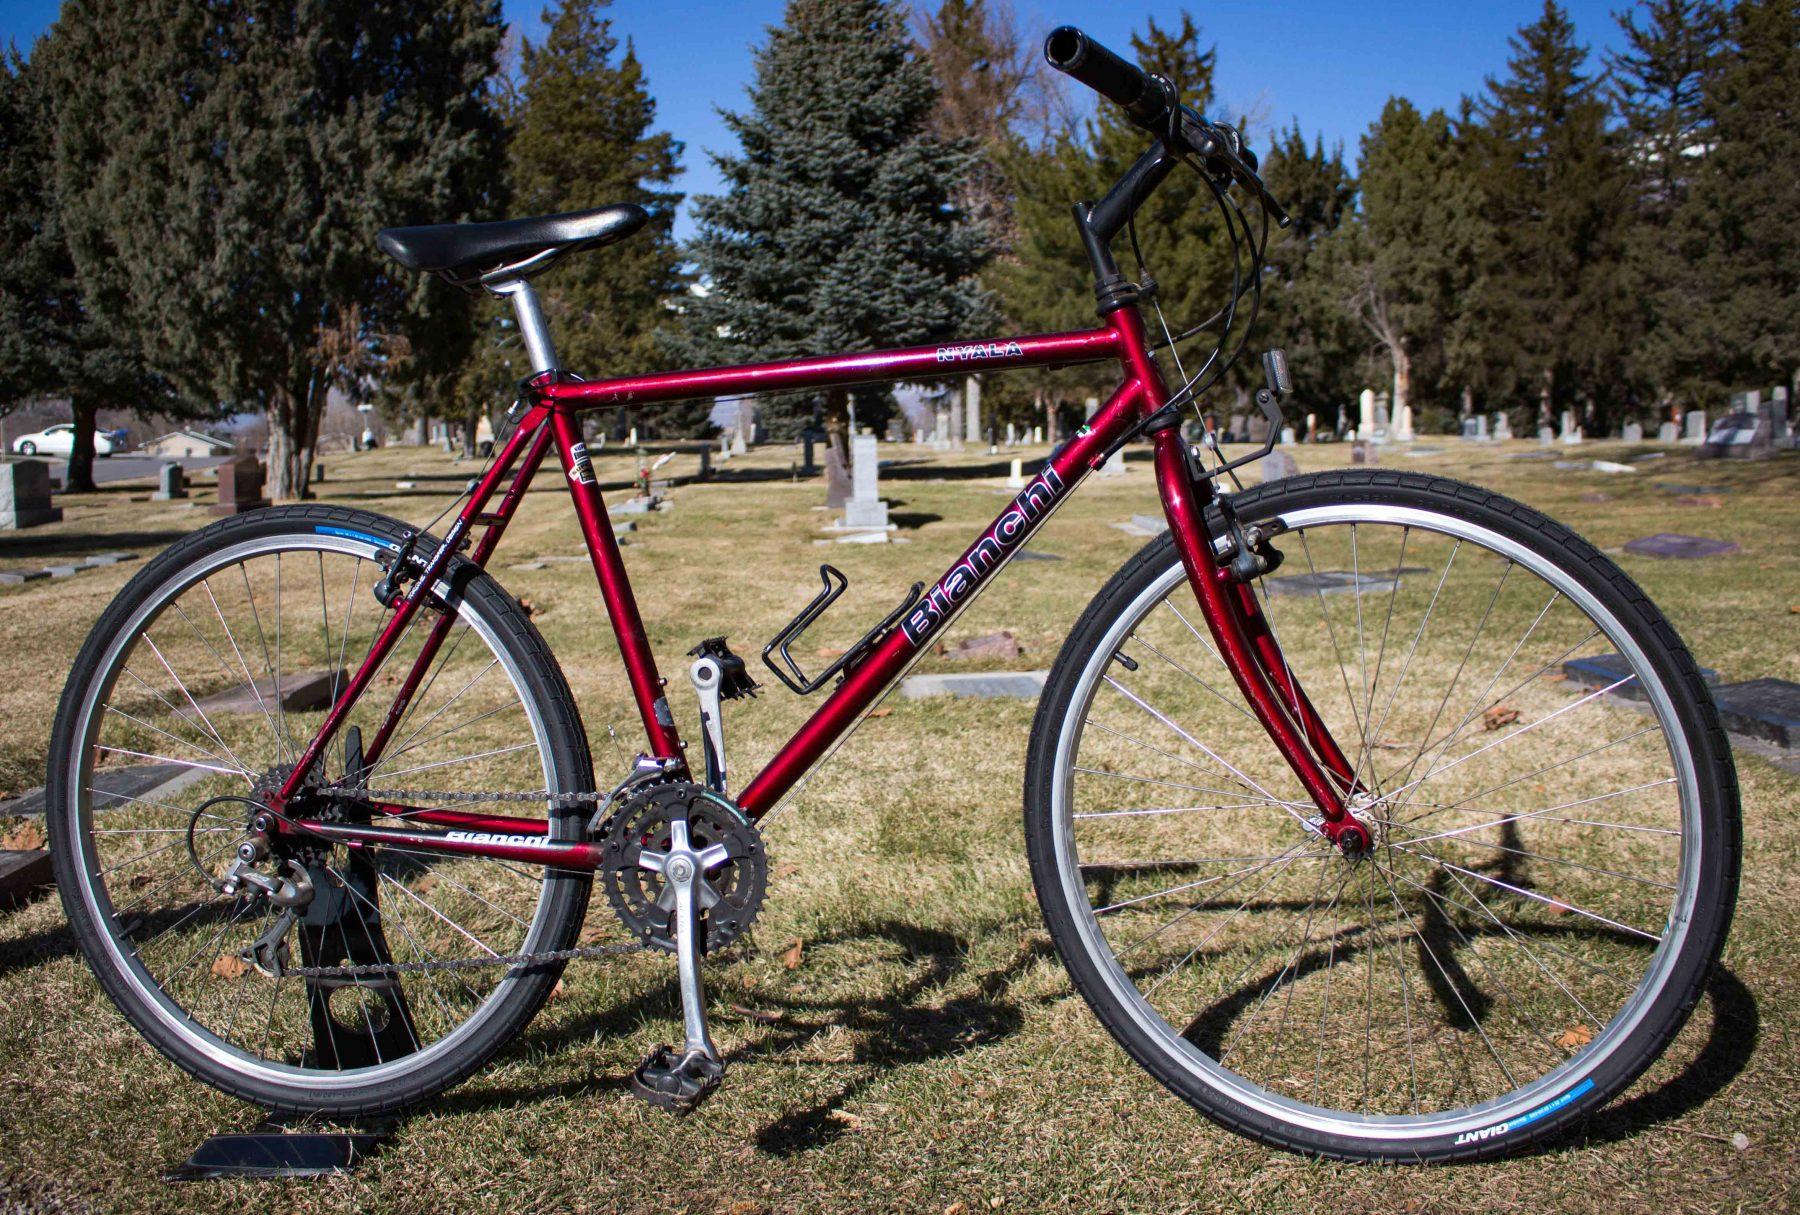 Bianchi-Nyala-Red-Bicycle